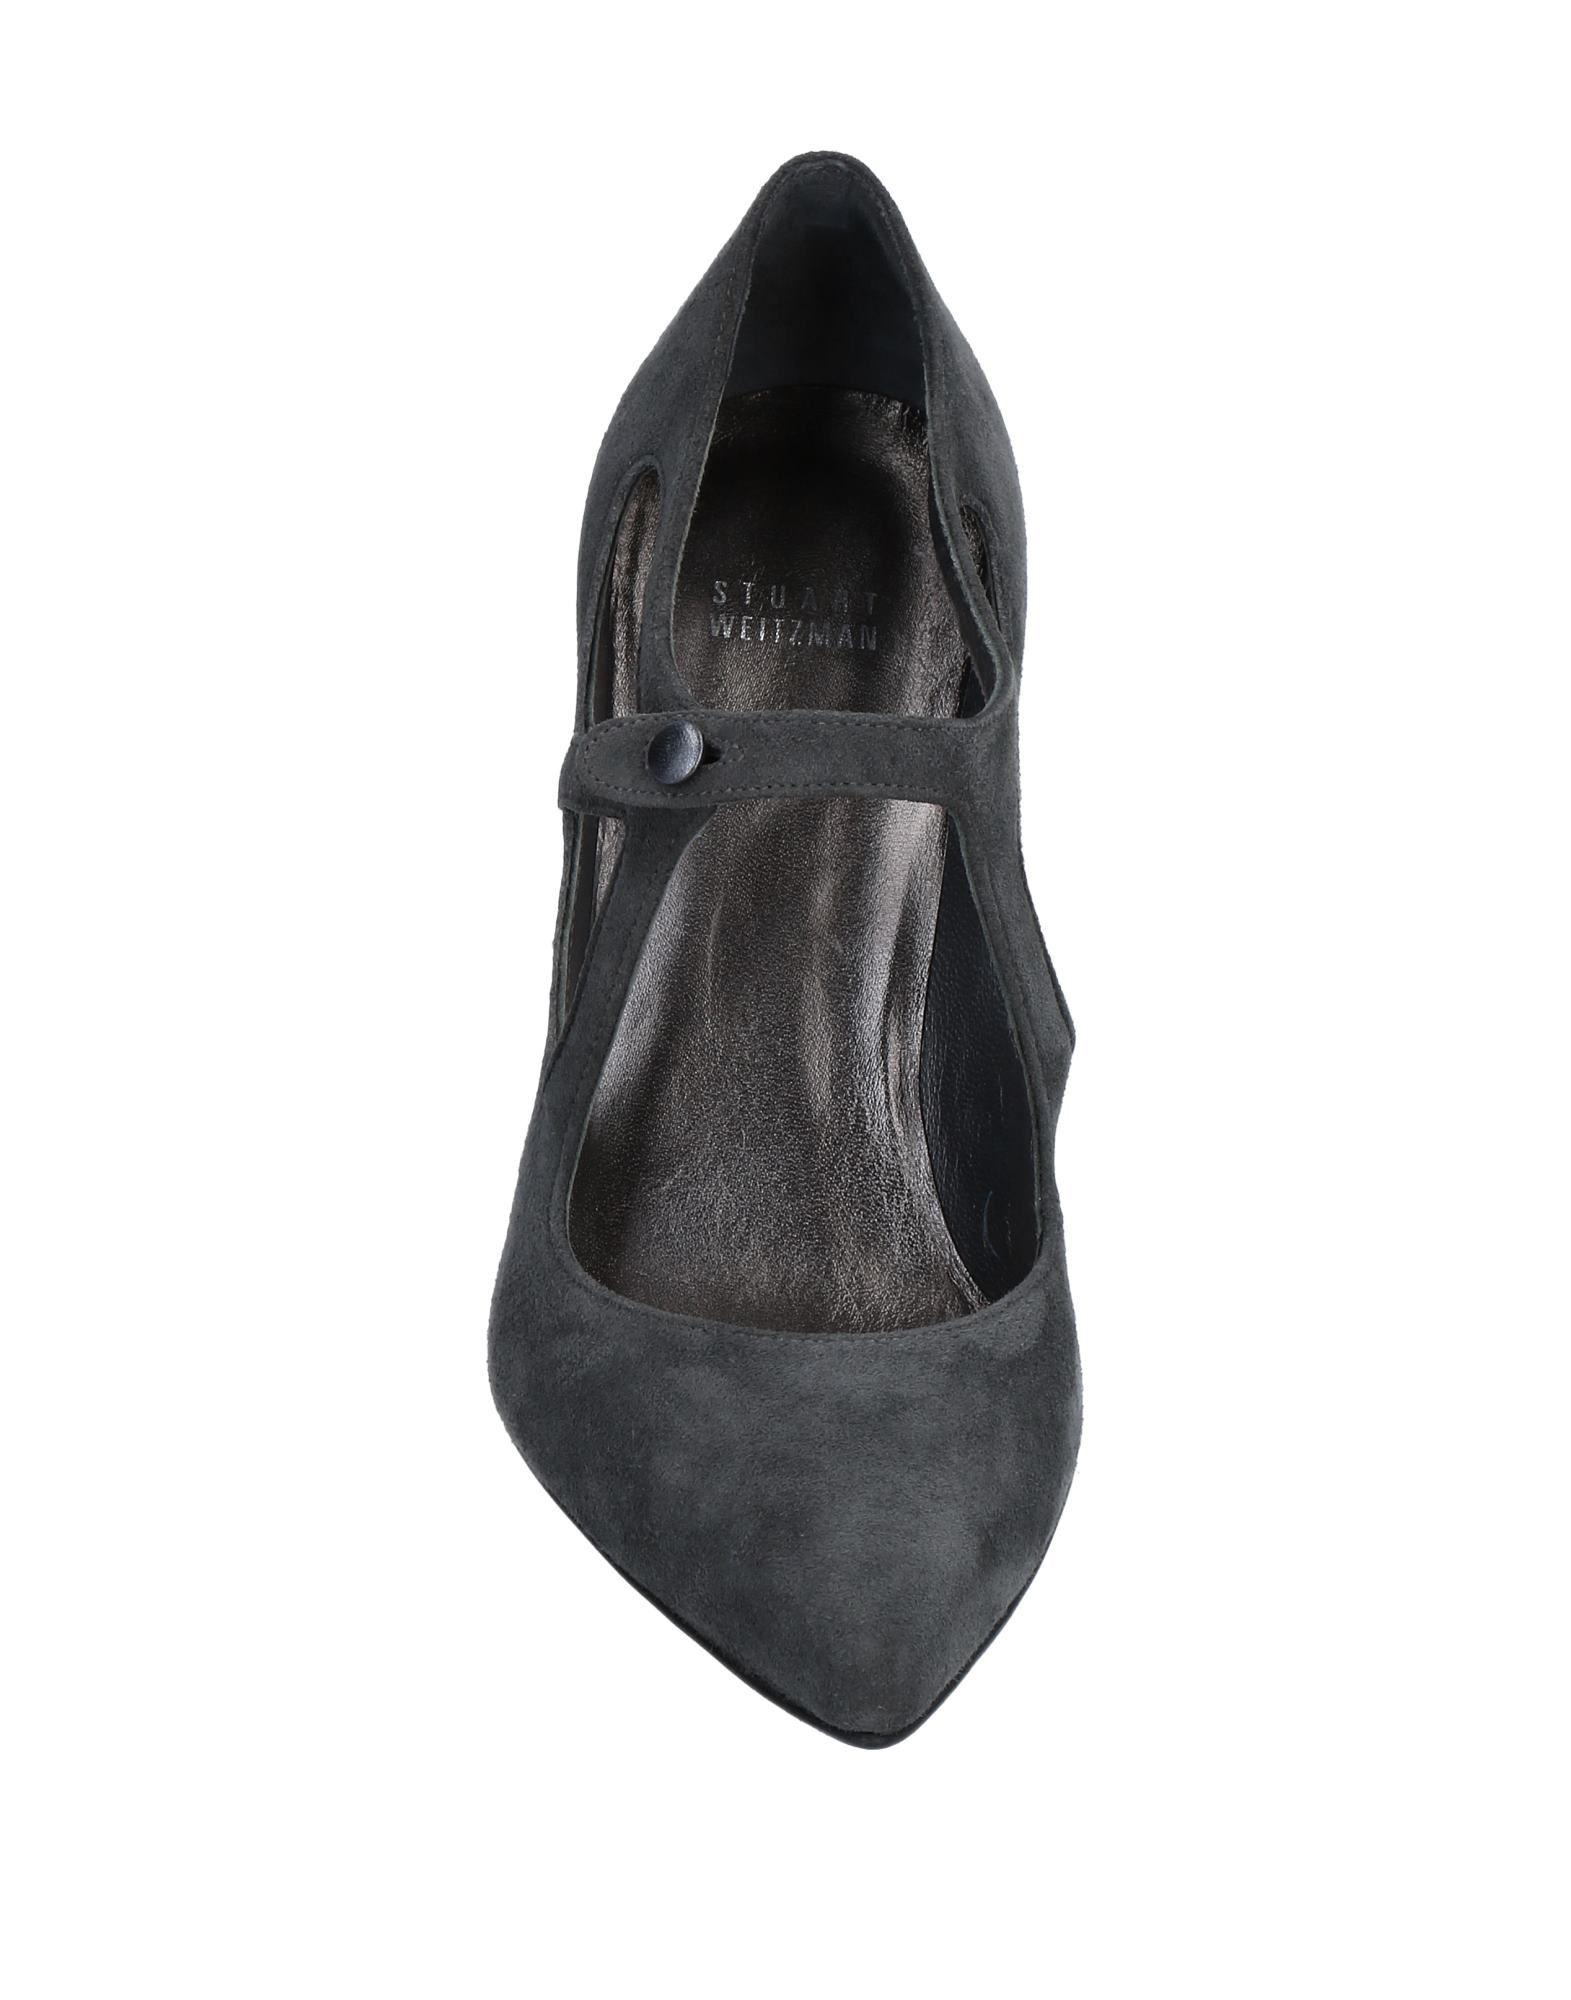 Rabatt Schuhe Stuart 11533371WW Weitzman Pumps Damen  11533371WW Stuart 422193